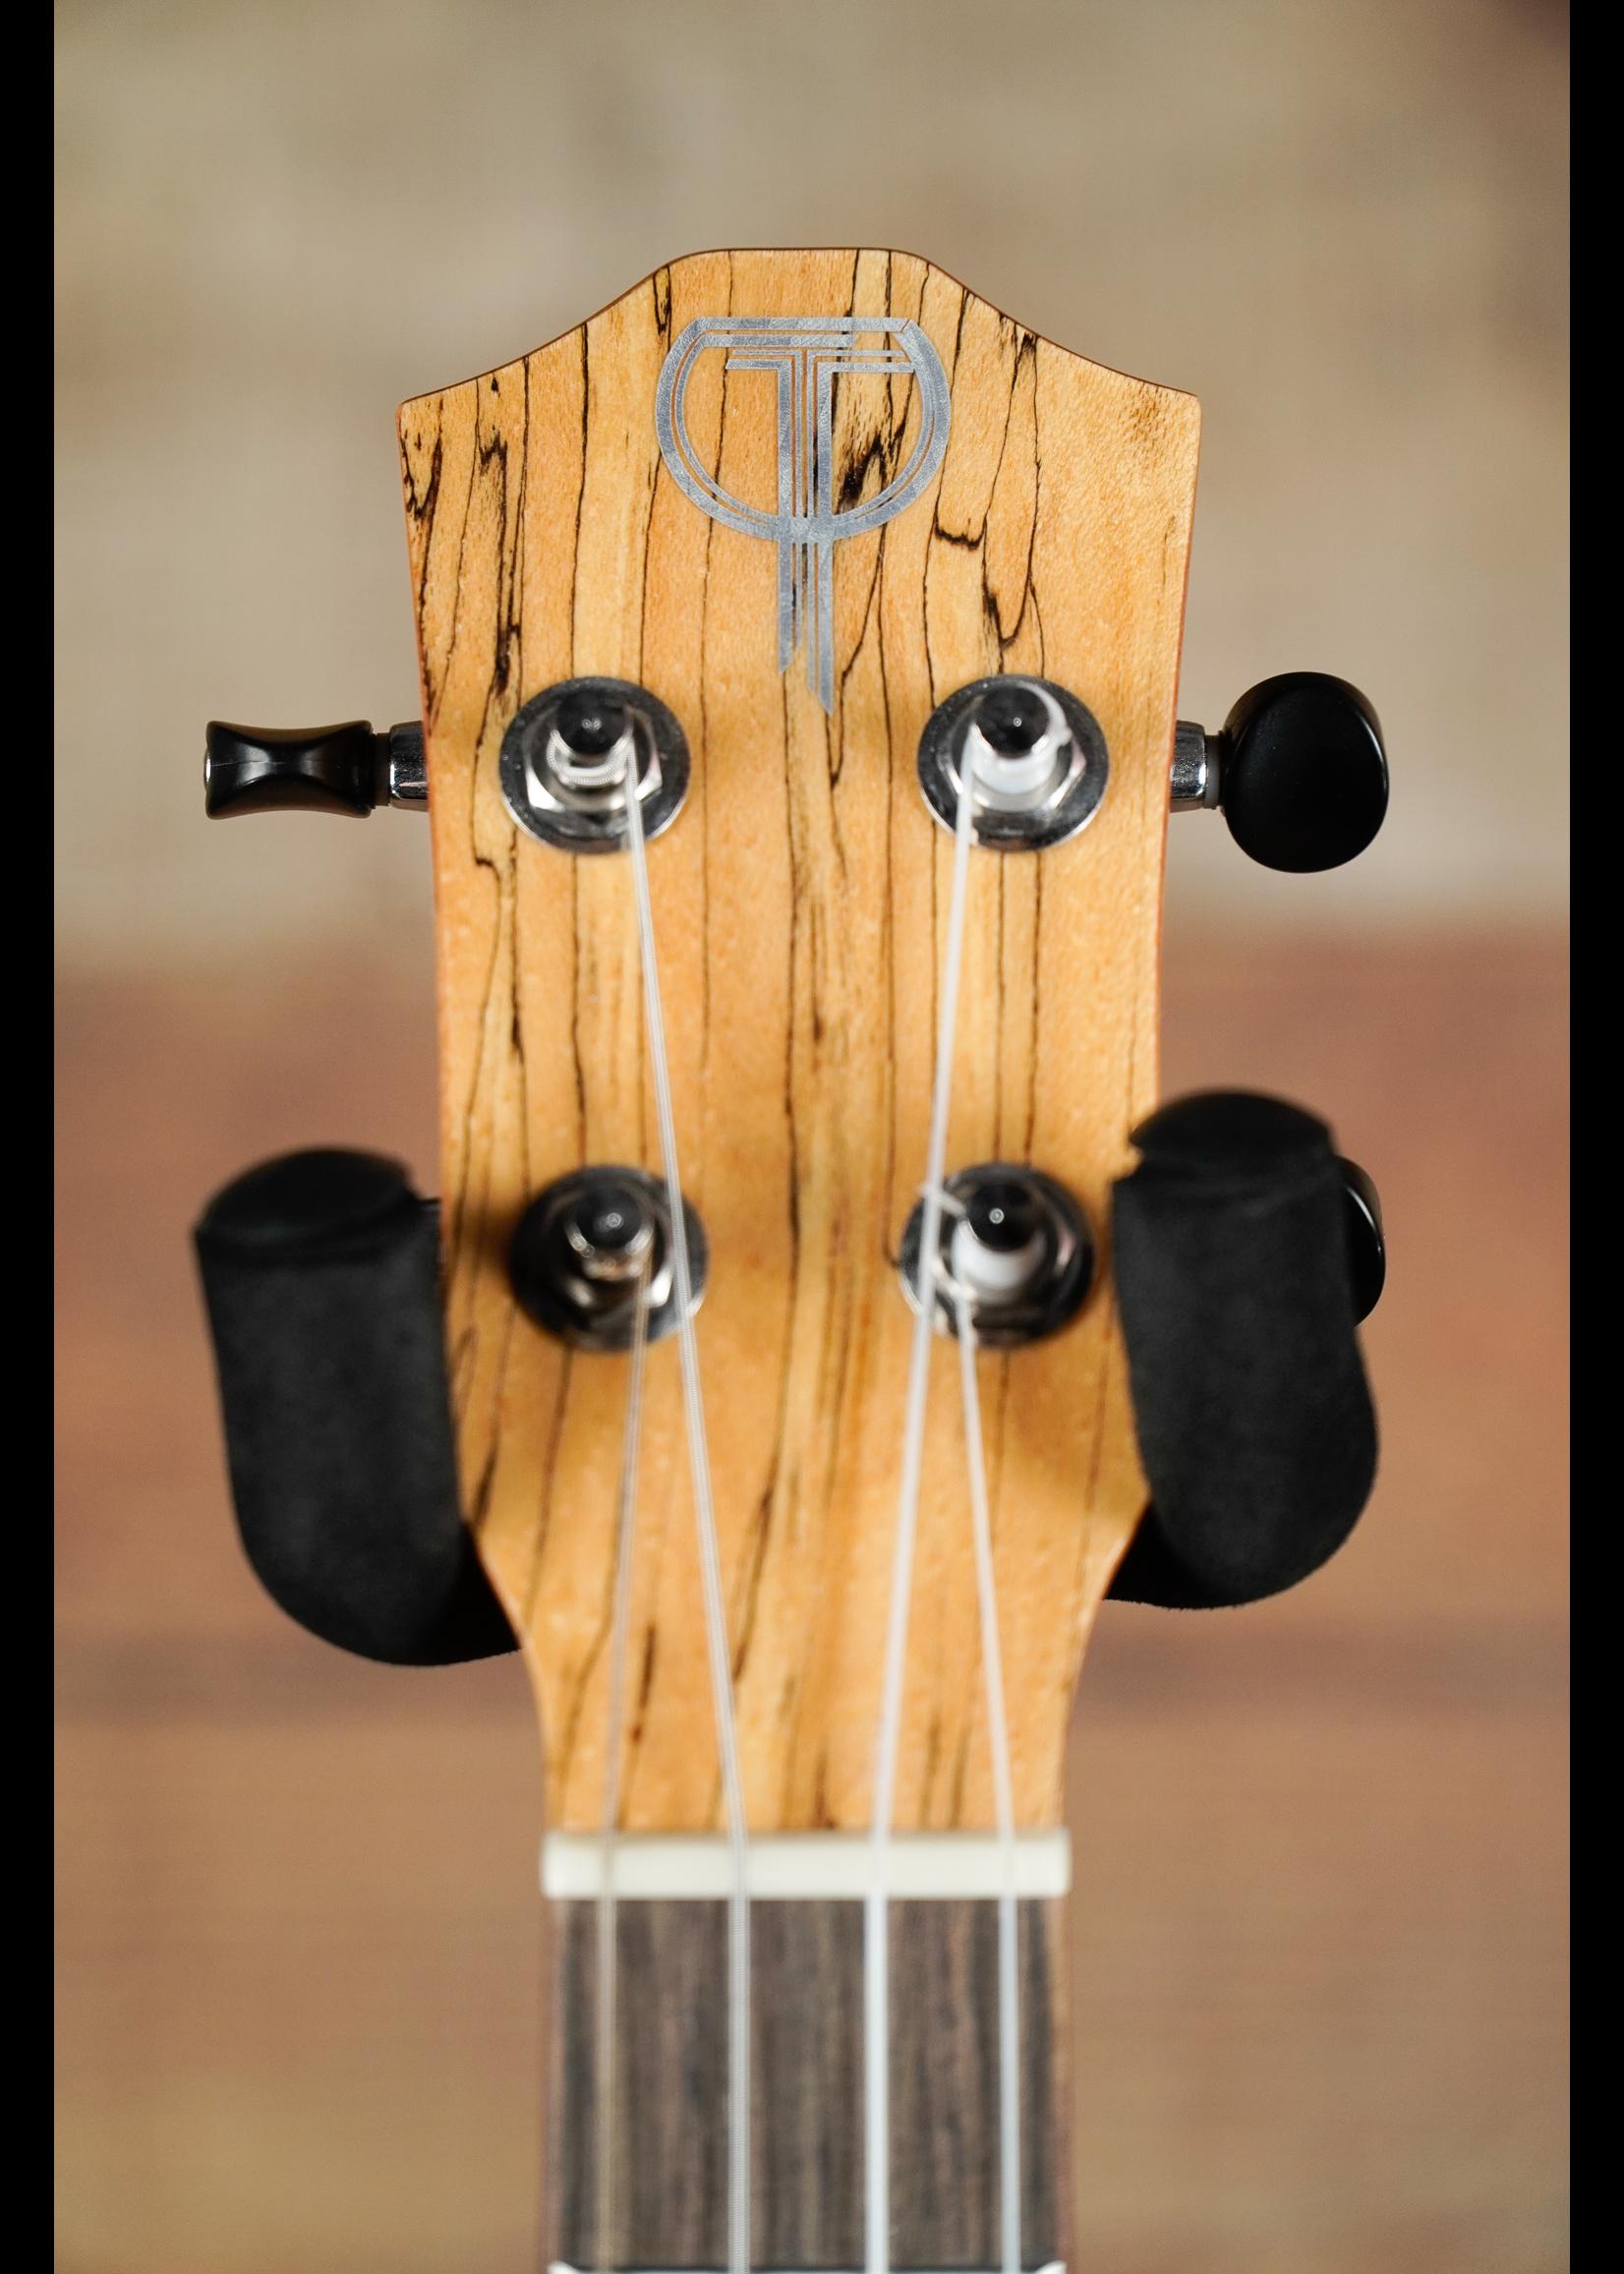 Teton Teton  TB130SMG Baritone Ukulele   Natural/ Splatted Maple Back & Sides